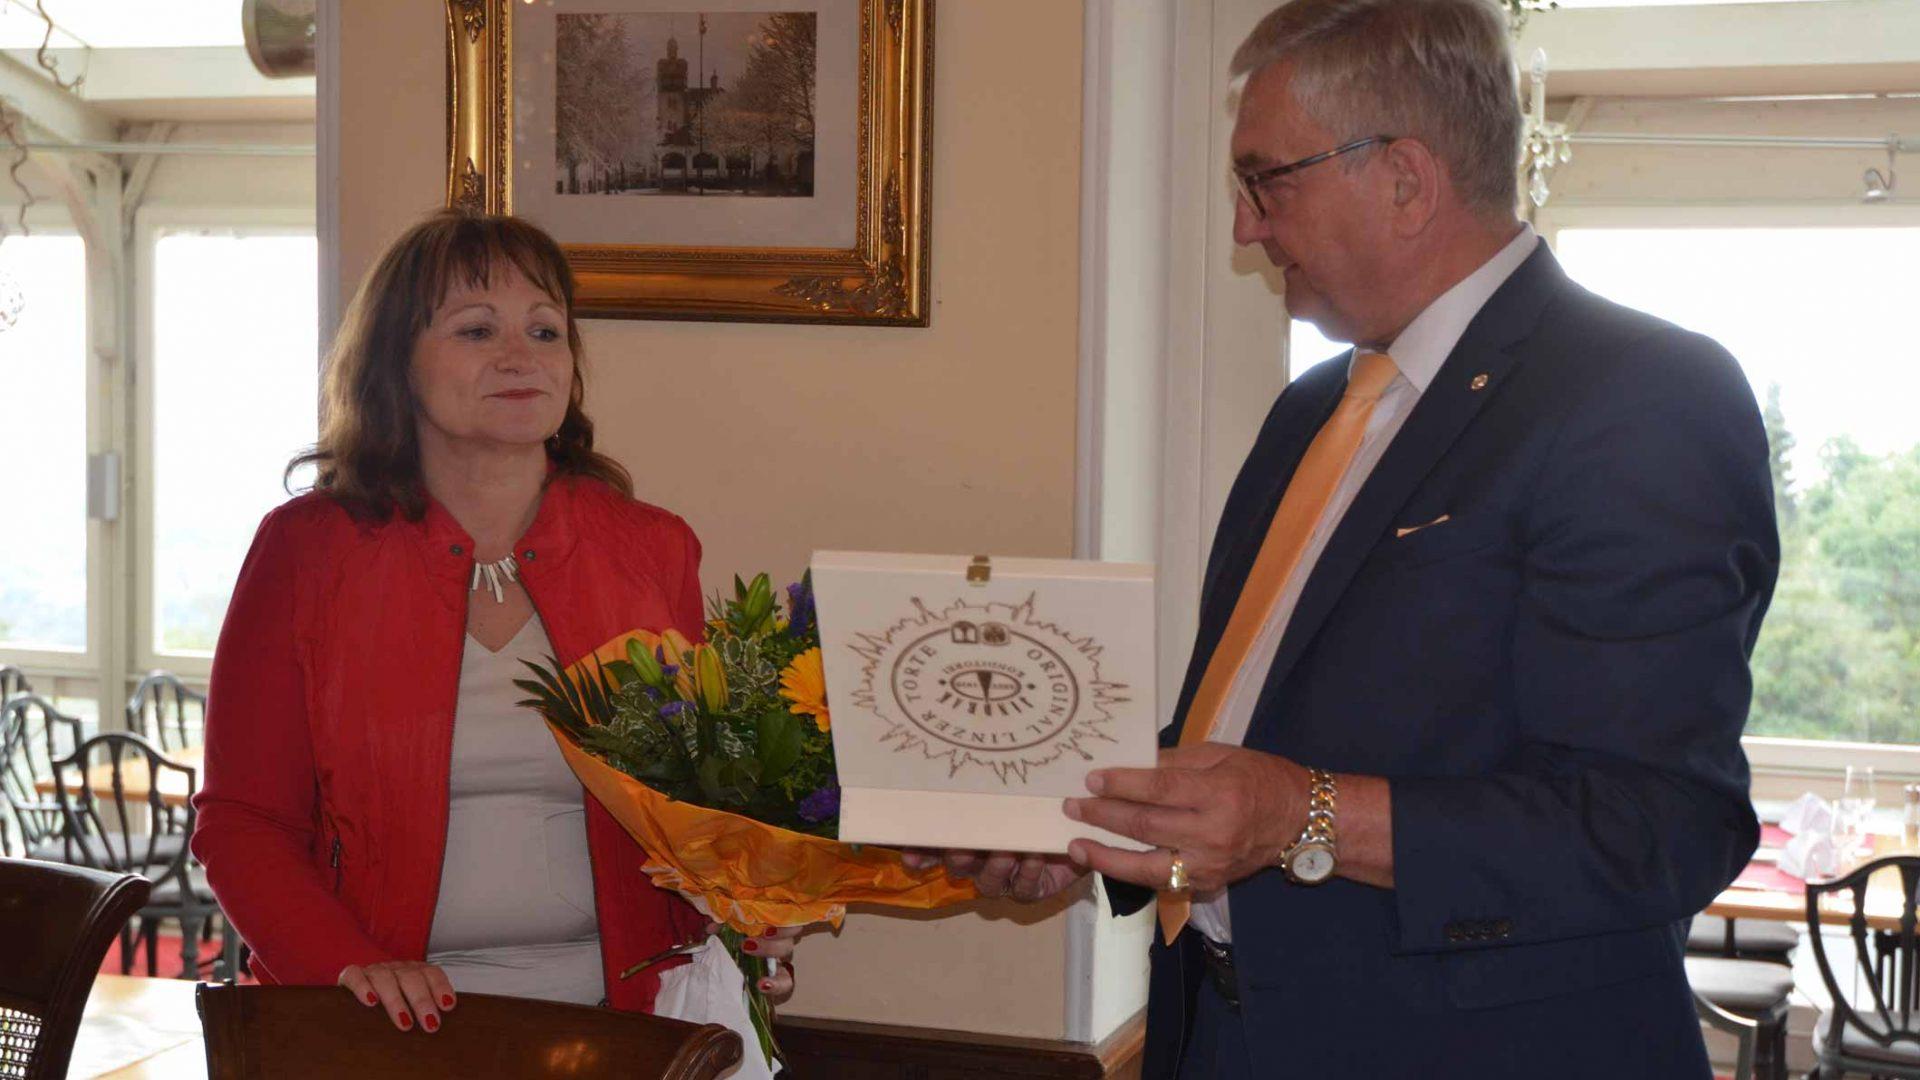 Gemeindebund-Chef Riedl gratulierte Anette Töpfl zum 50er. ©Gemeindebund